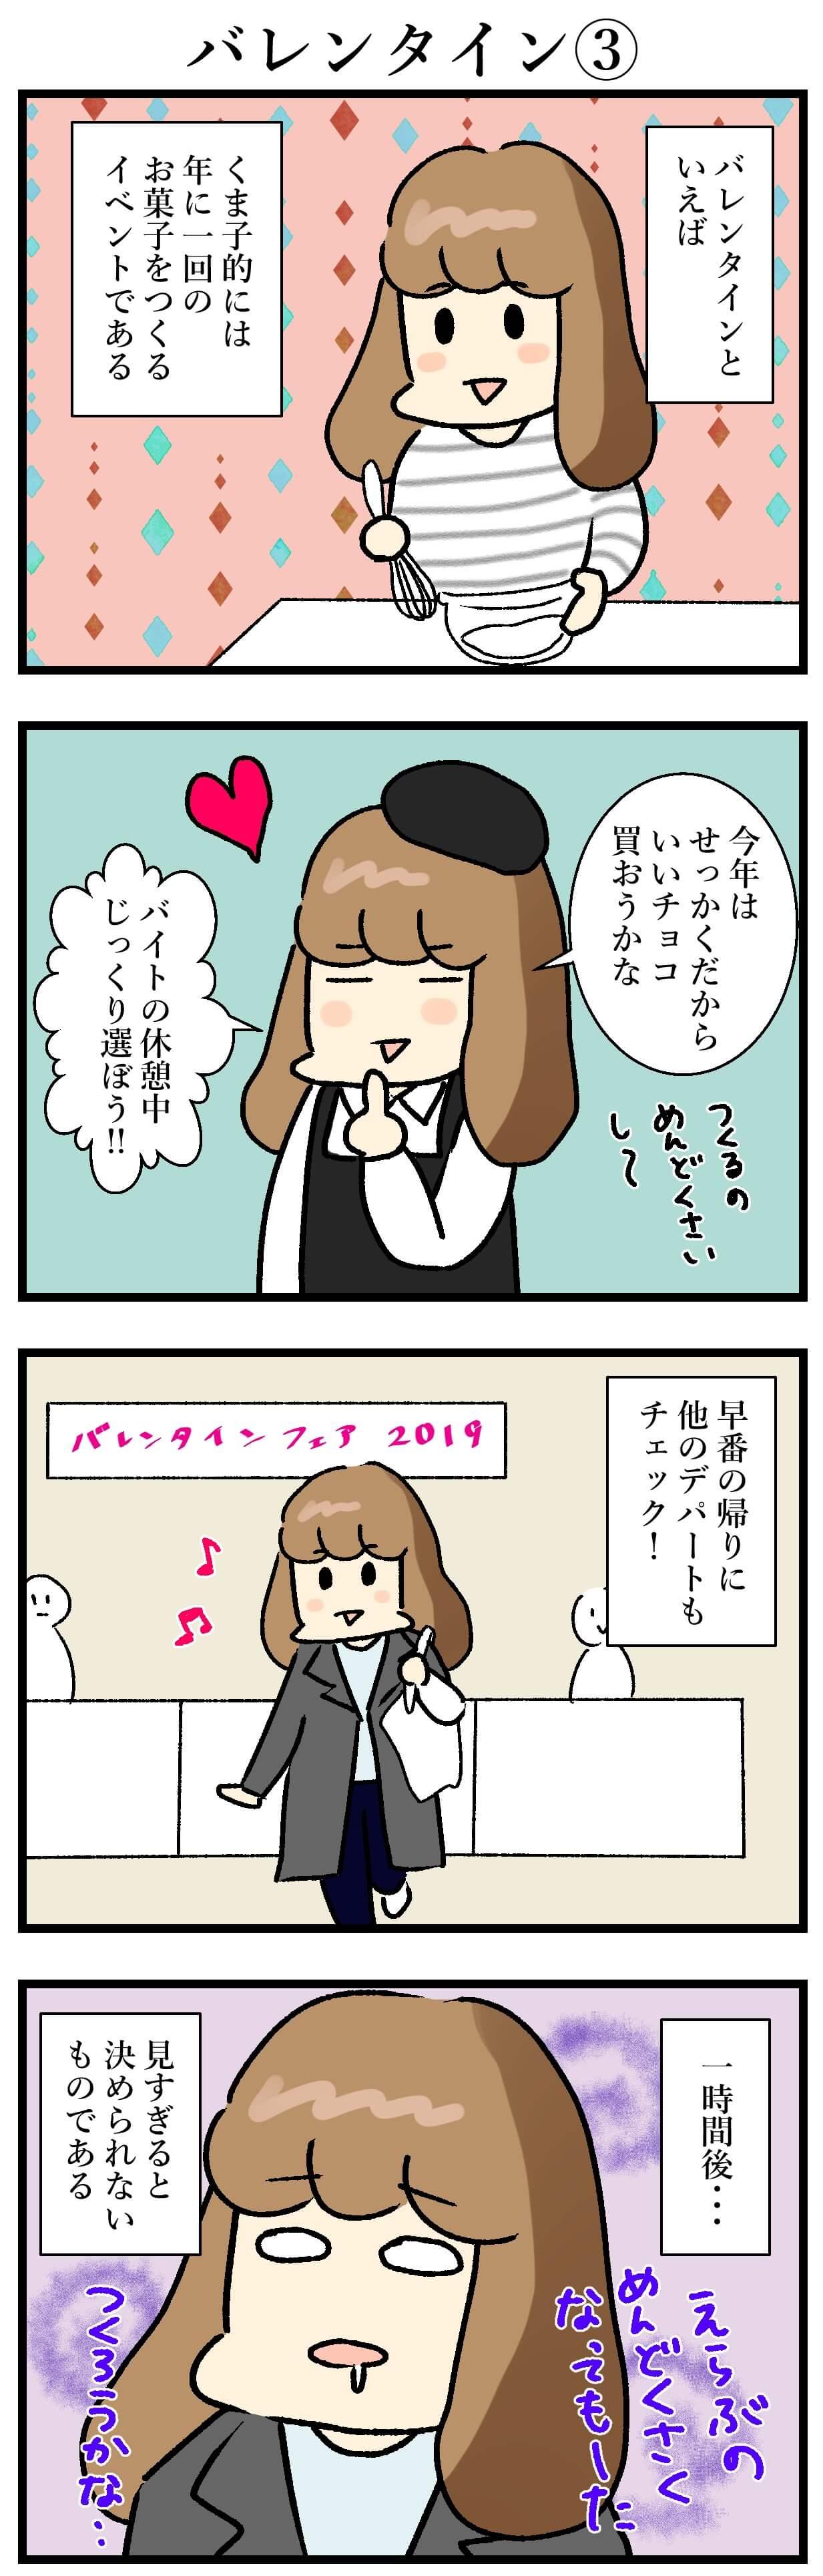 【エッセイ漫画】アラサー主婦くま子のふがいない日常(94)